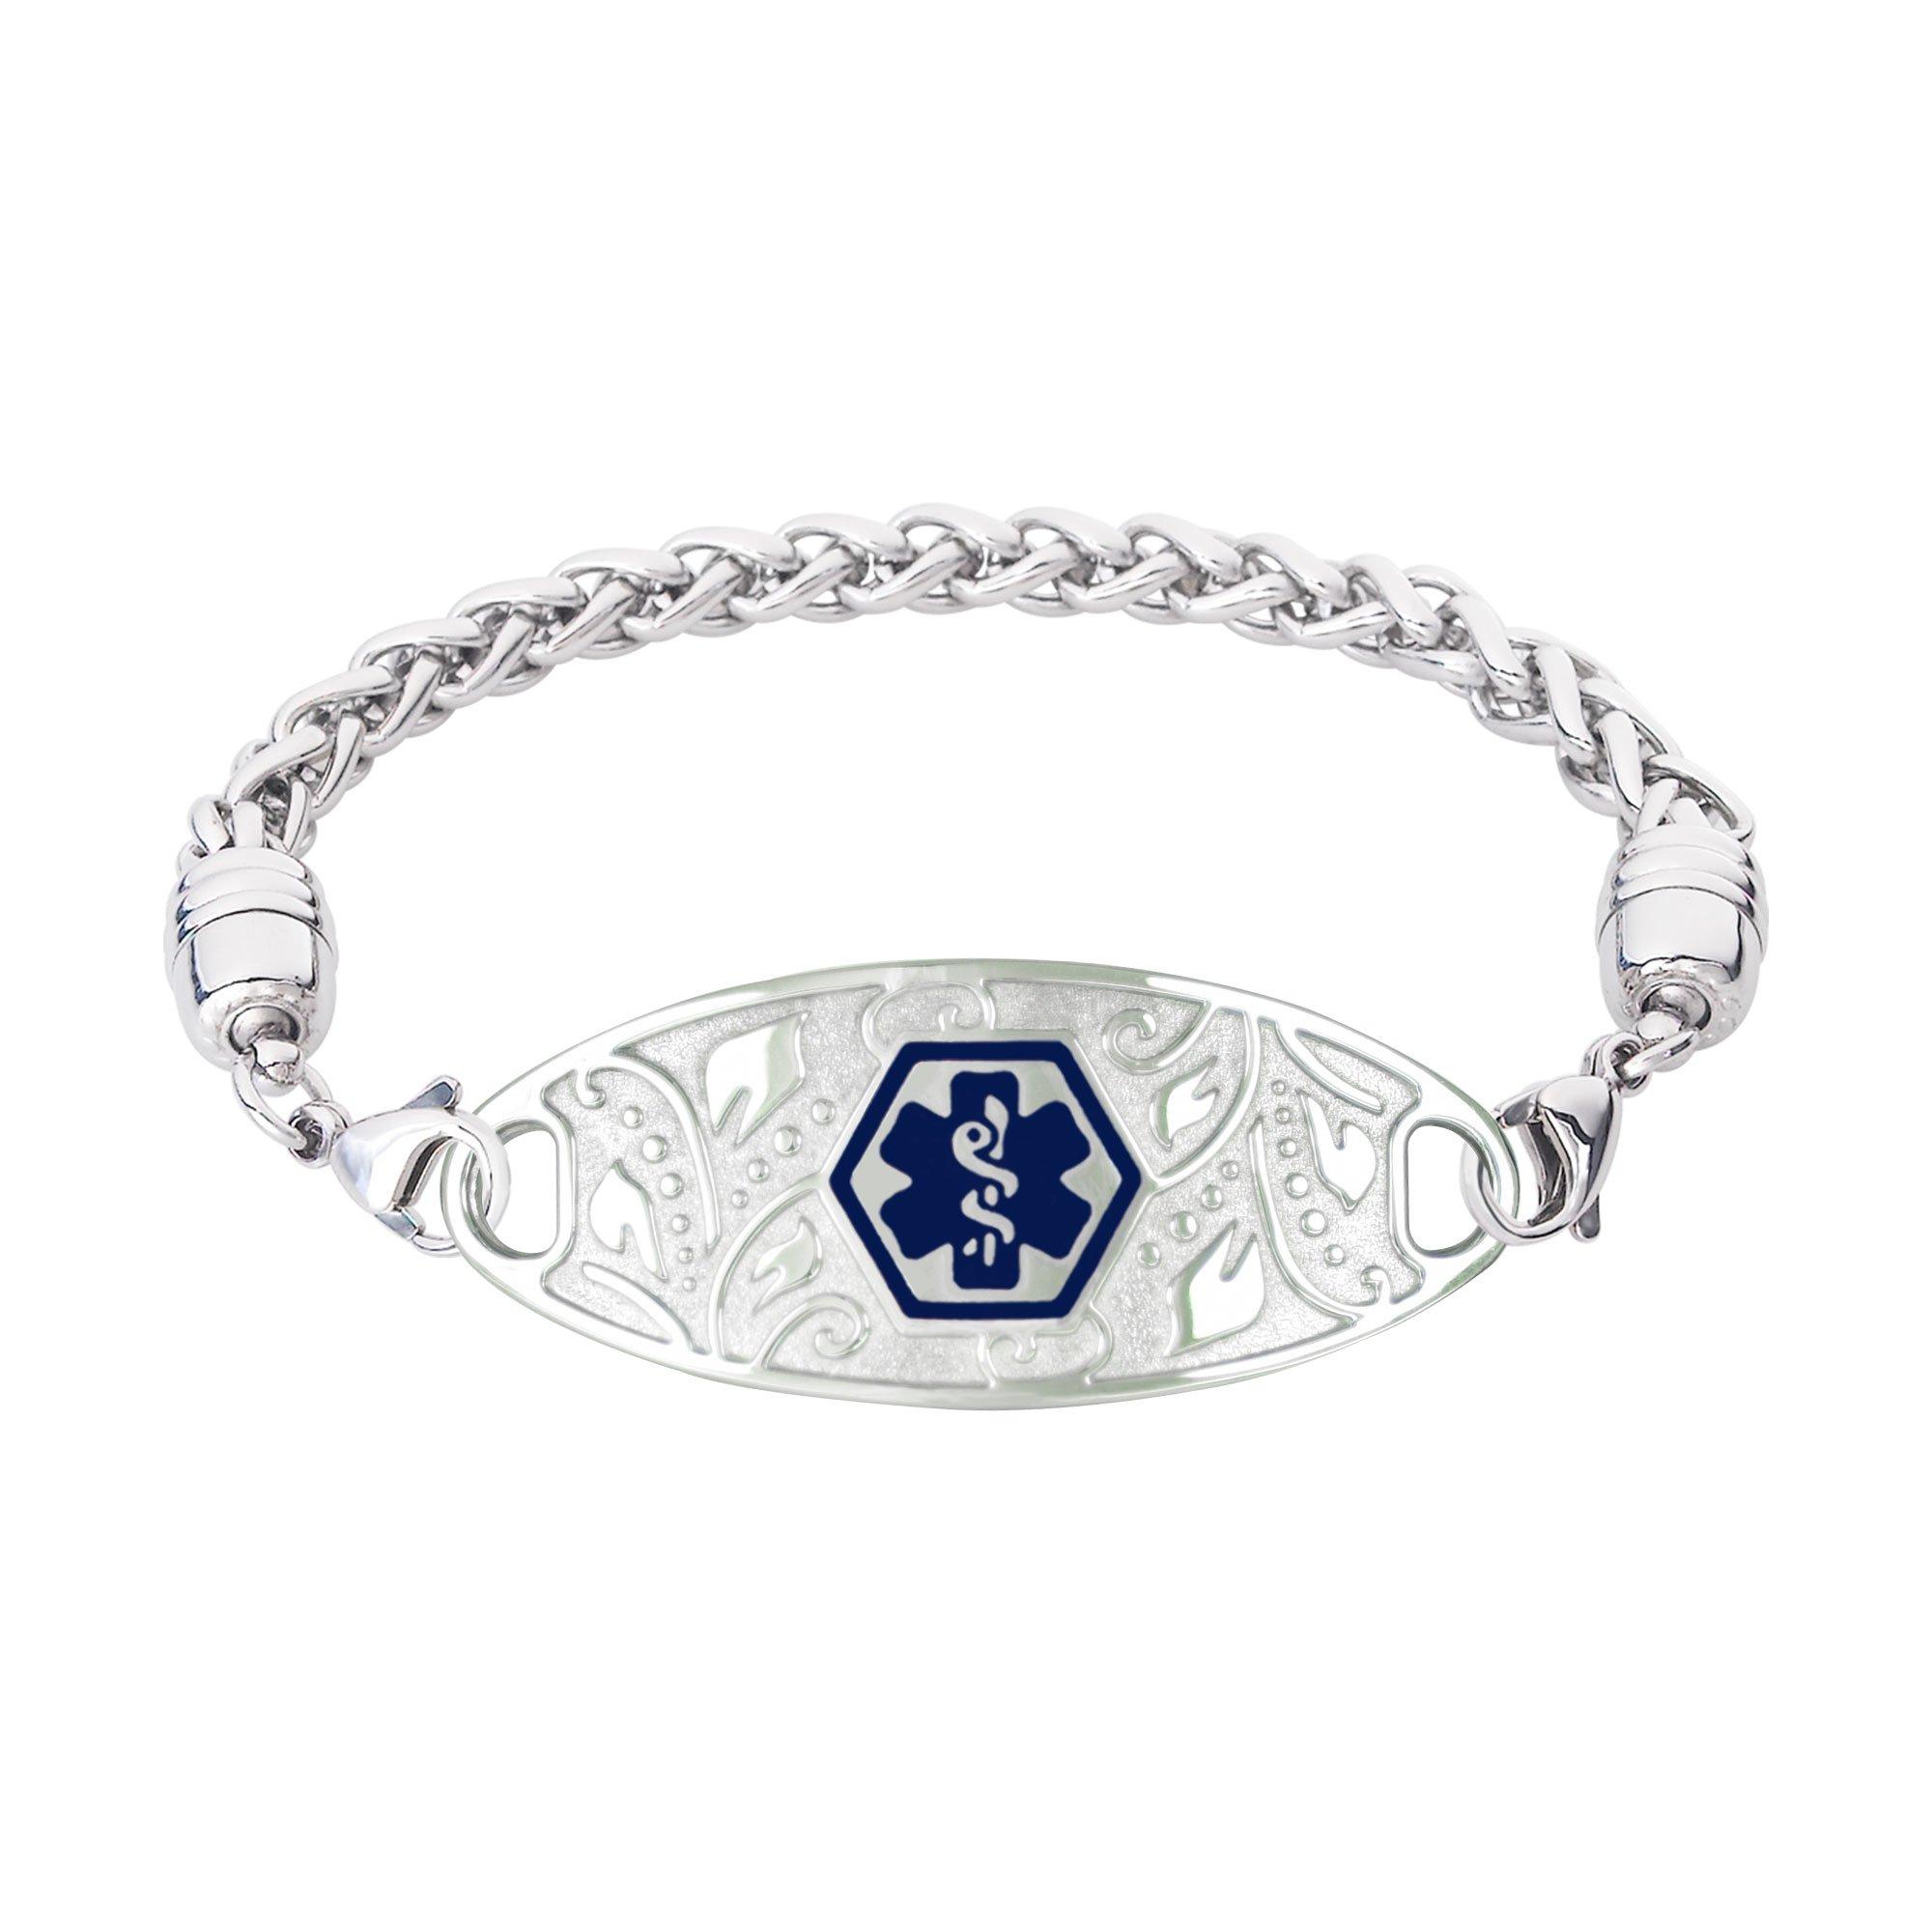 Divoti Custom Engraved 316L Lovely Filigree Medical Alert Bracelet for Women w/Stainless Wheat Chain -Deep Blue-7.5''